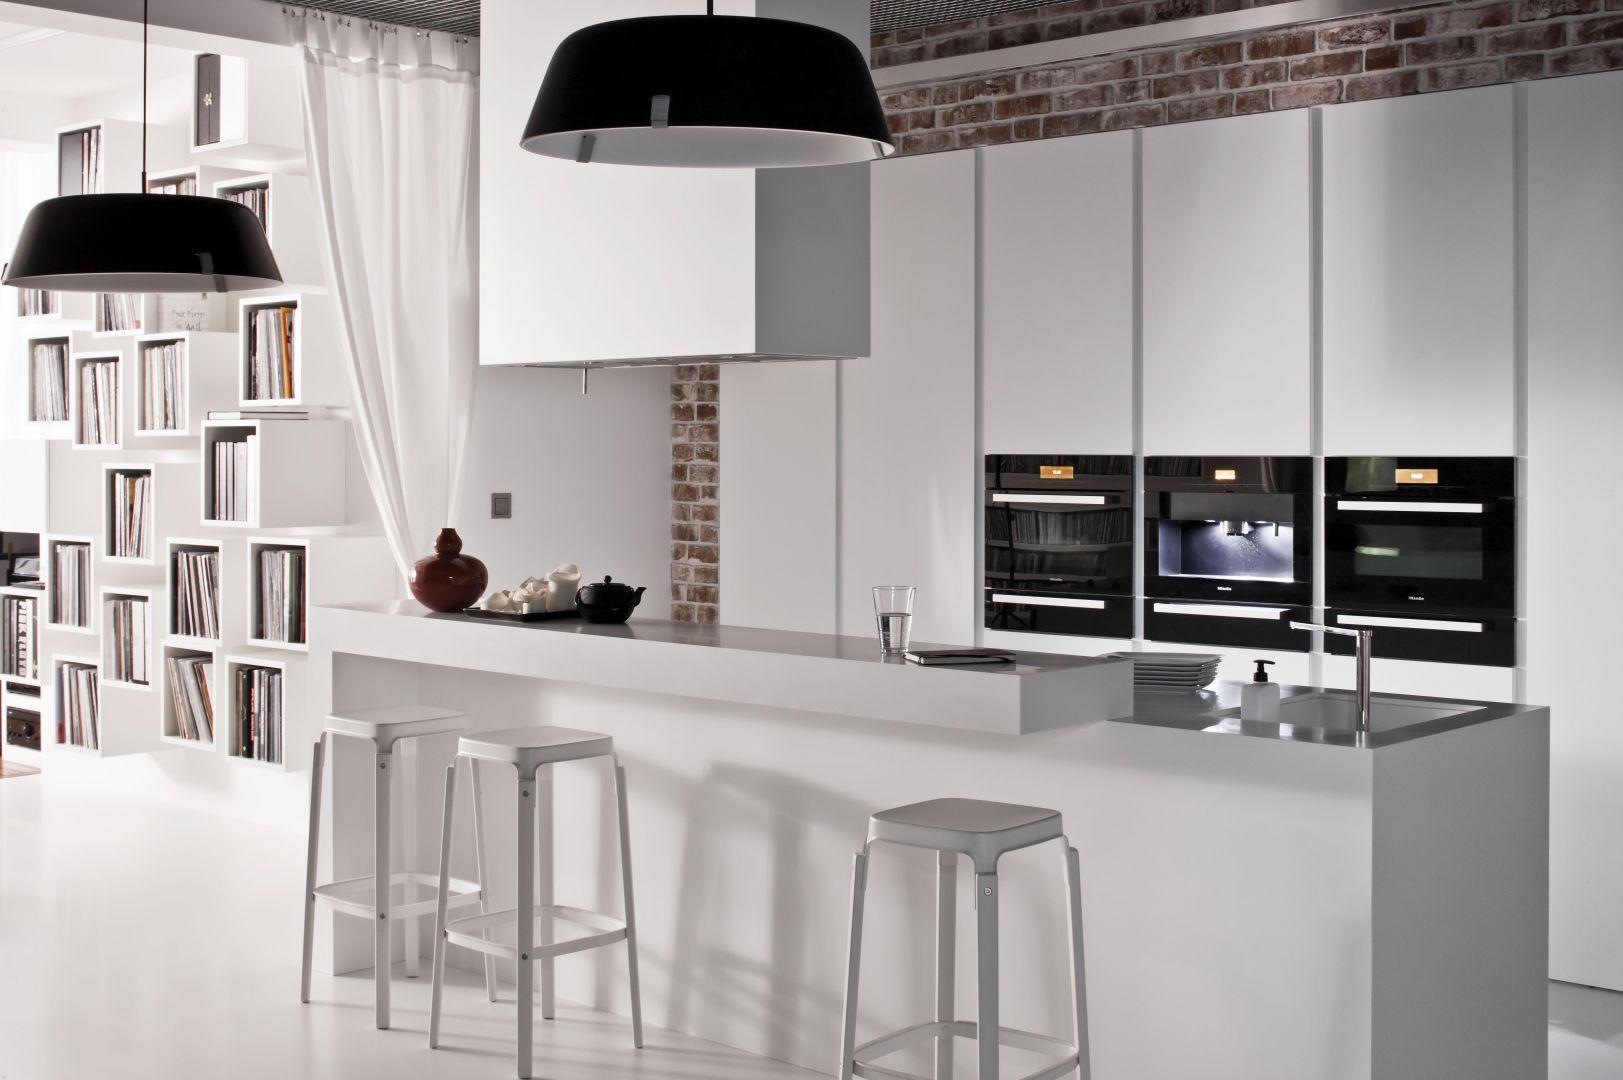 Kuchnia jest pomieszczeniem Biała kuchnia elegancka   -> Biala Kuchnia Elegancka